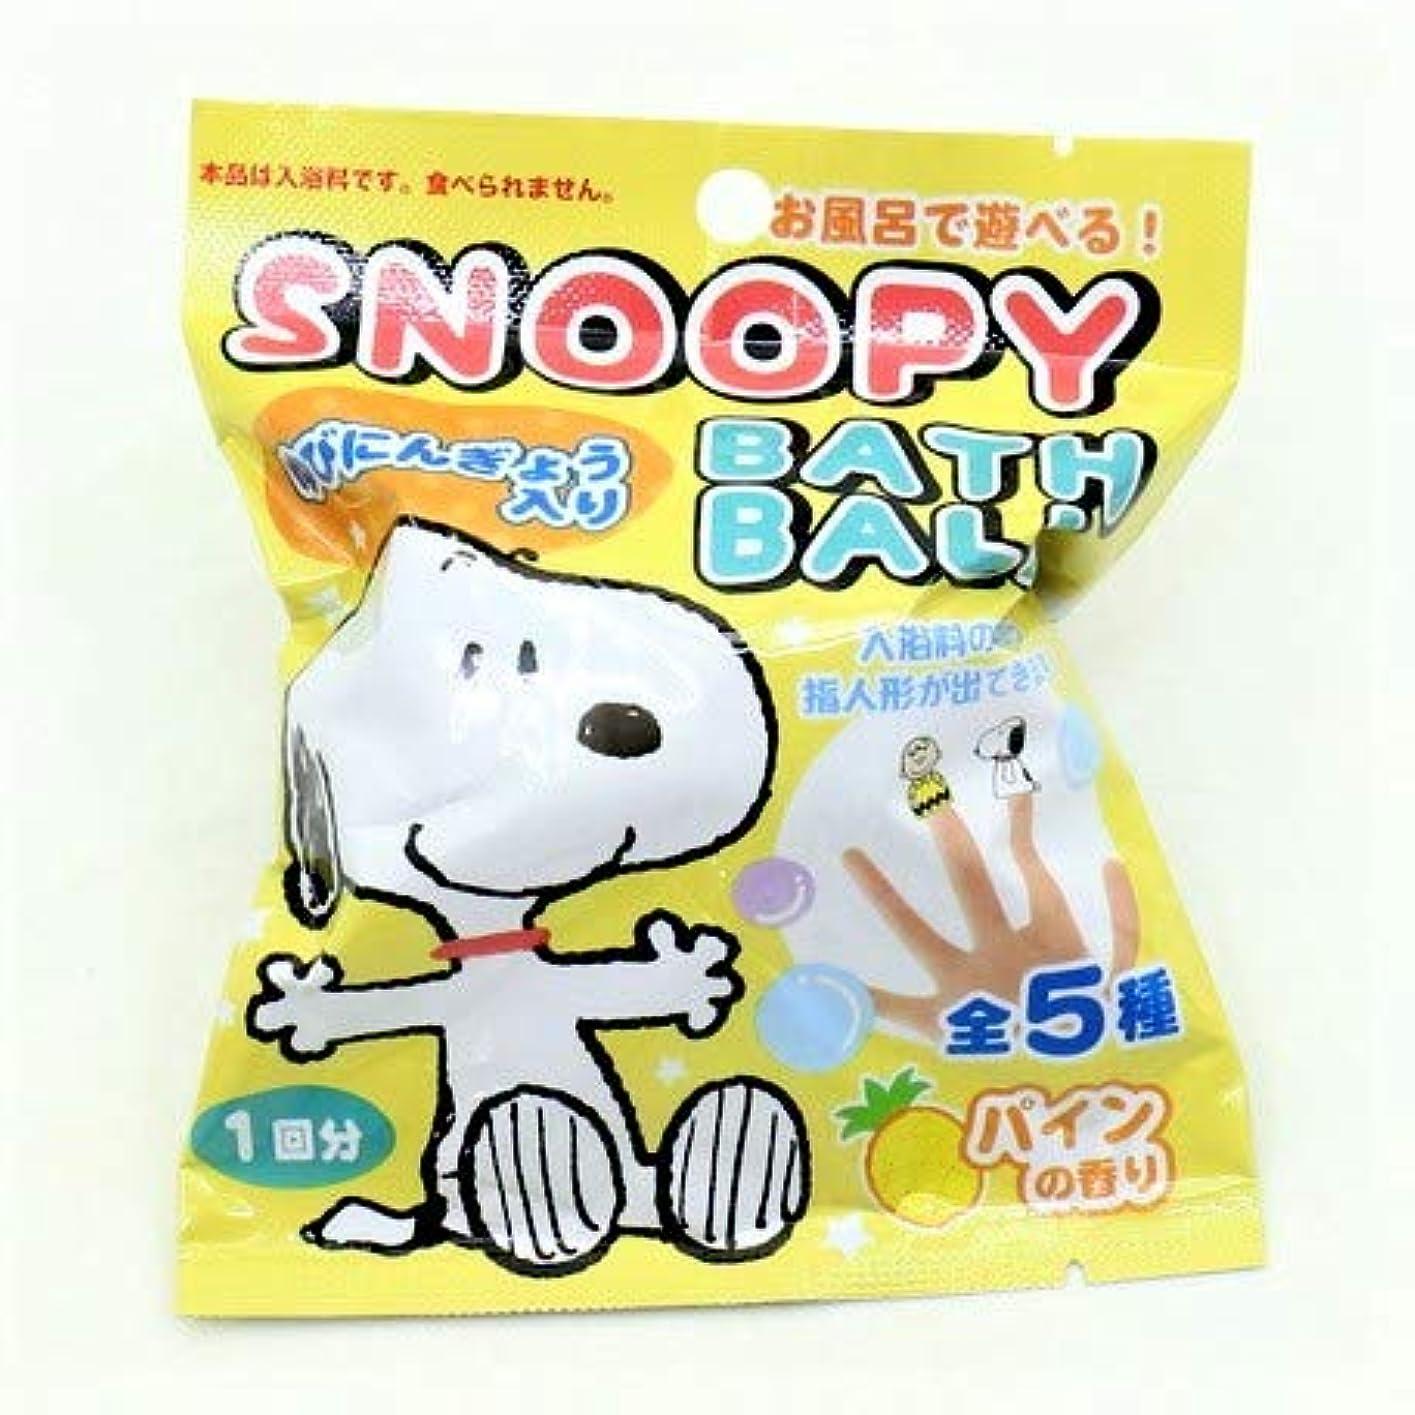 ギャングウェイトレス第三スヌーピー バスボール 入浴剤 パインの香り 6個1セット 指人形 Snoopy